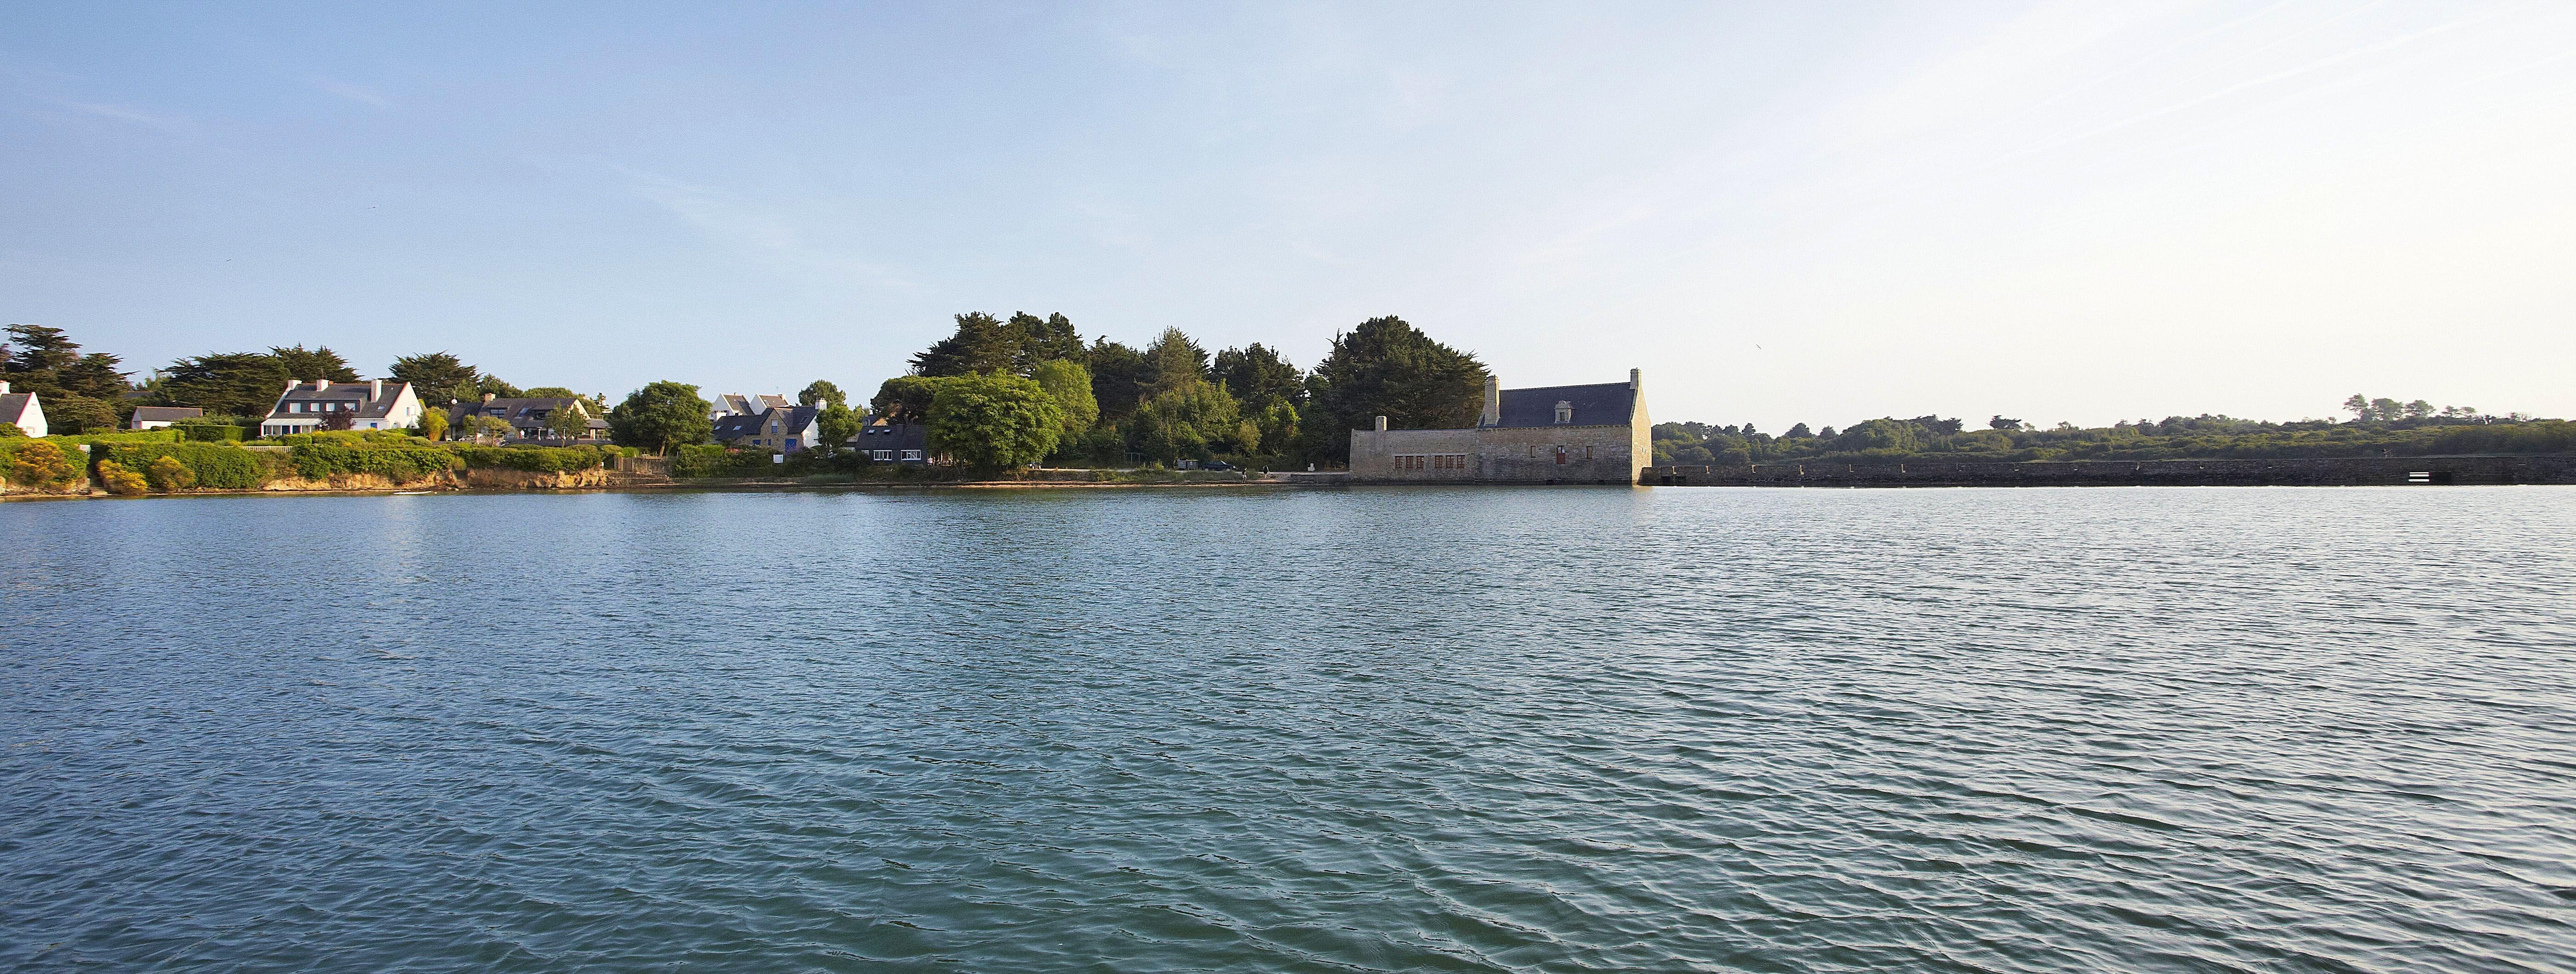 Presqu'île de Rhuys - Pen Castel  Crédit photo : A. Lamoureux